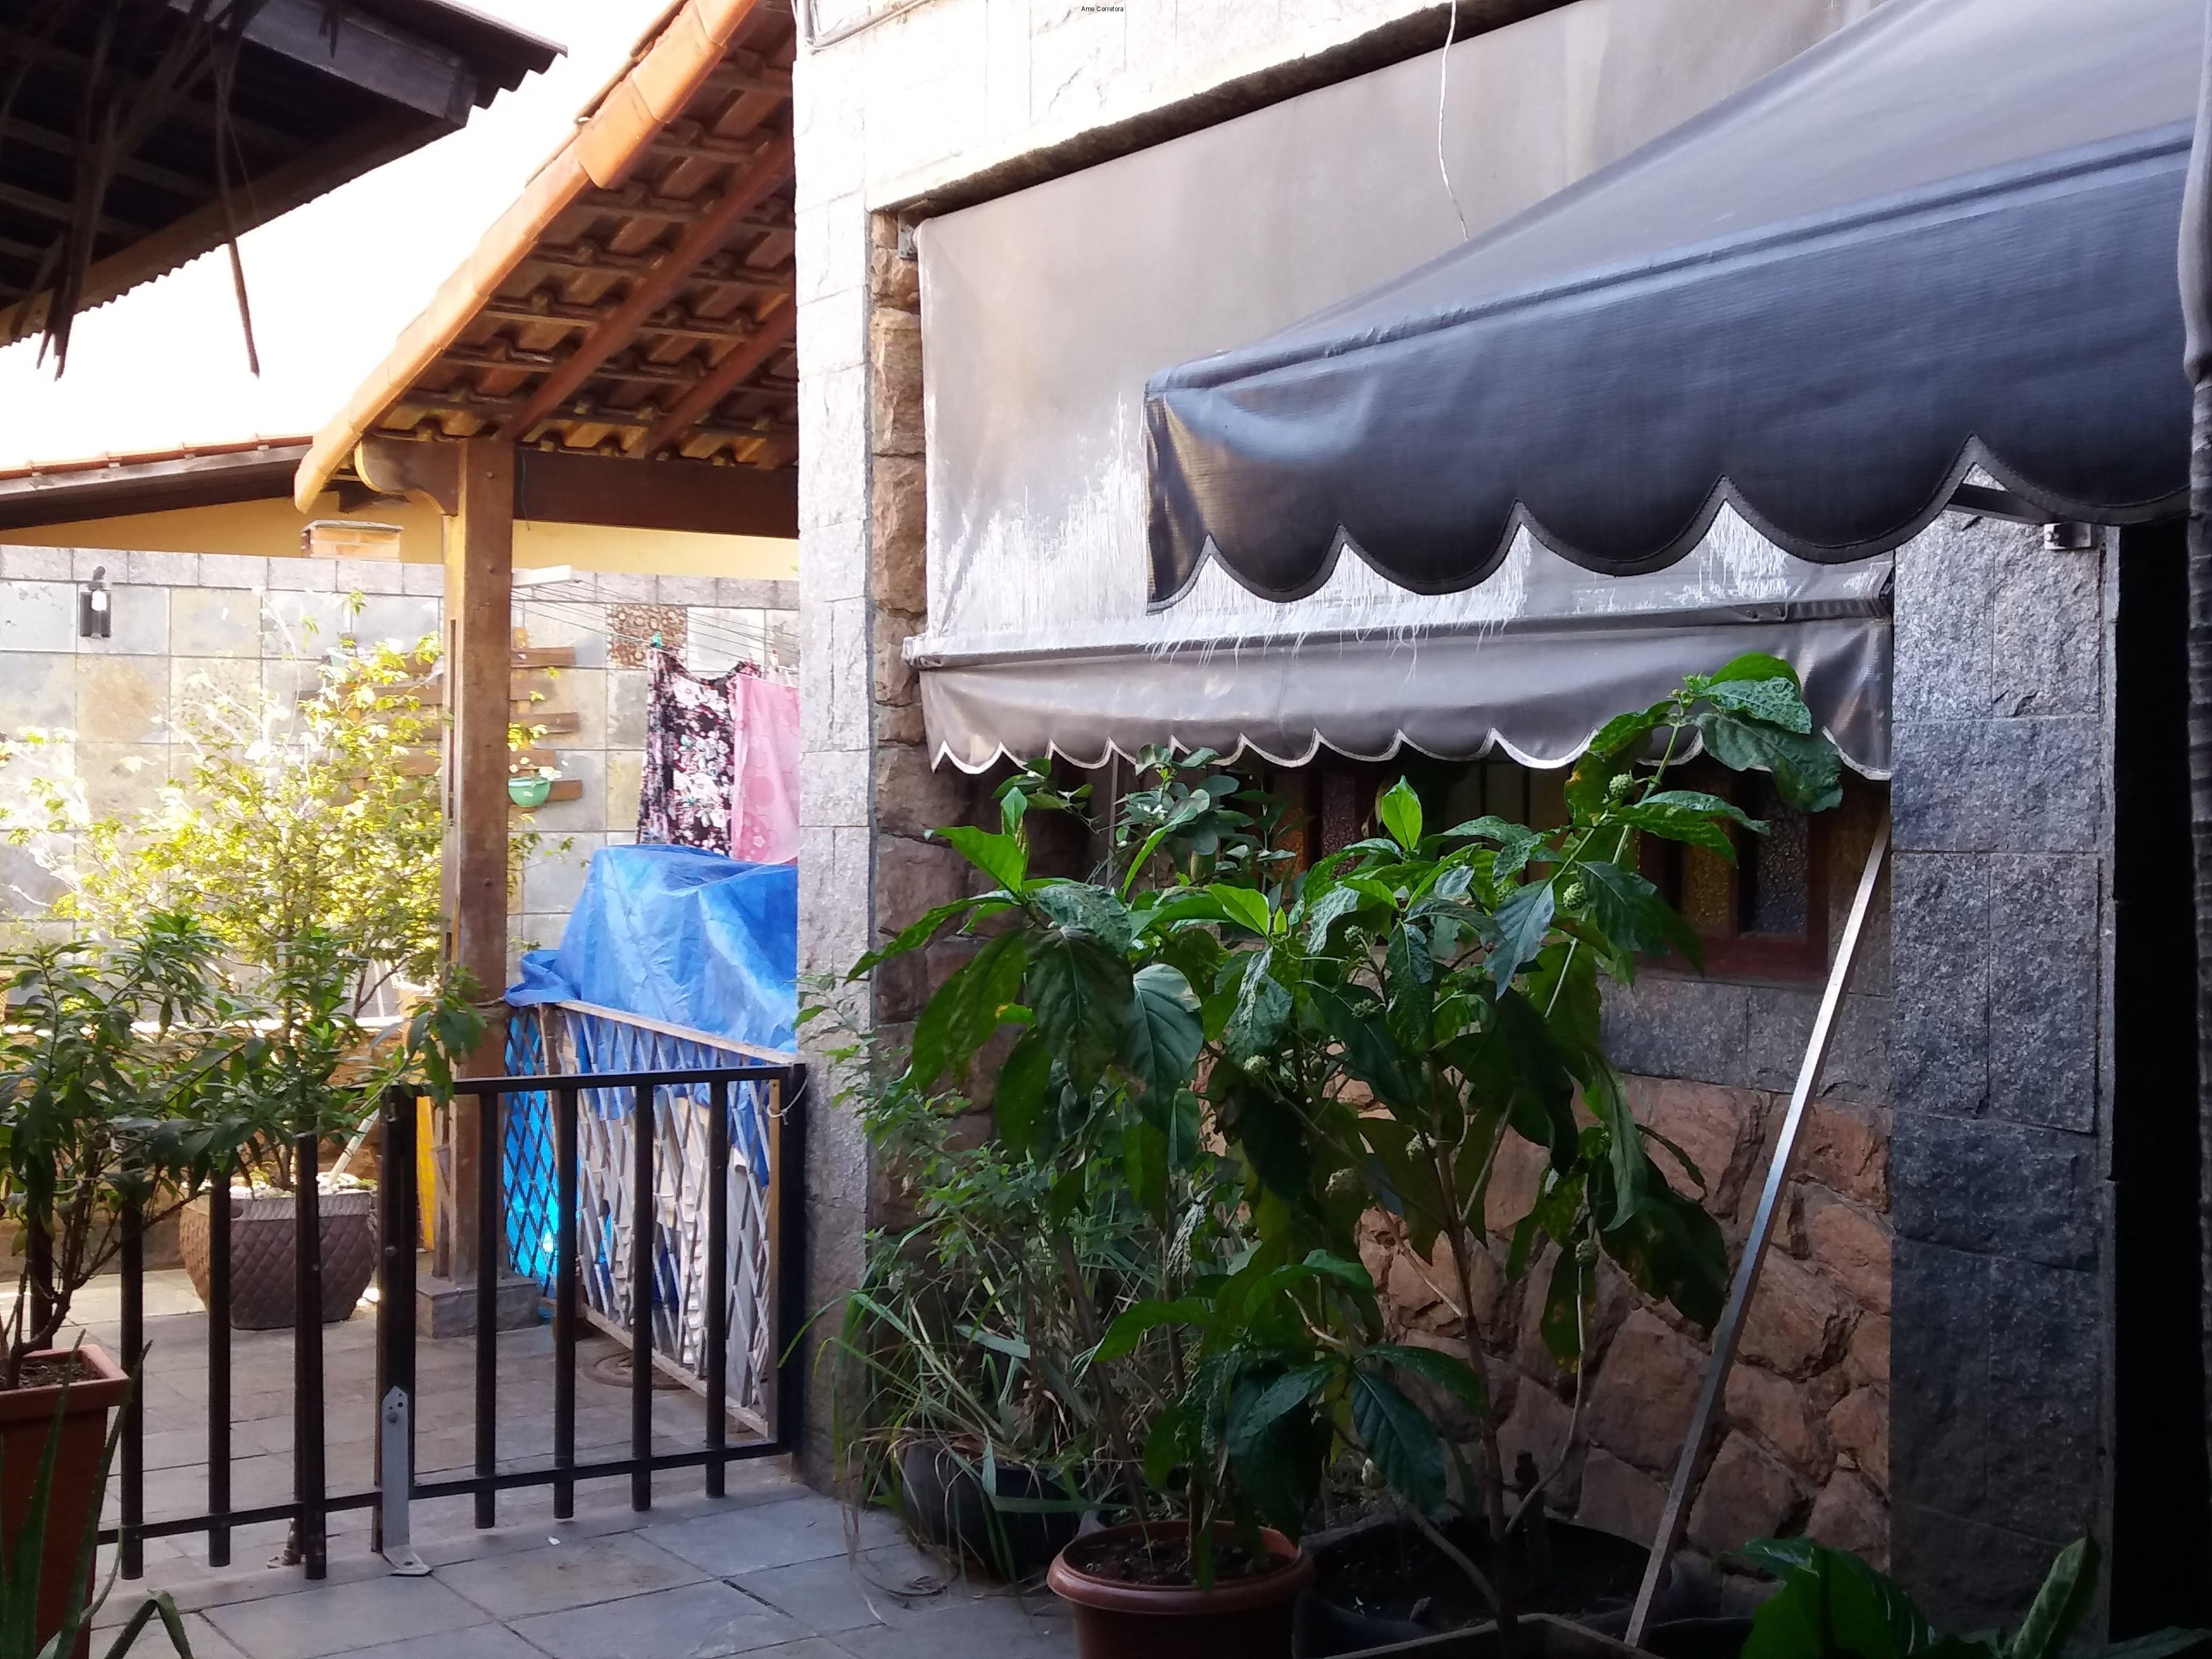 FOTO 50 - Casa 3 quartos à venda Rio de Janeiro,RJ Bangu - R$ 900.000 - CA00648 - 51